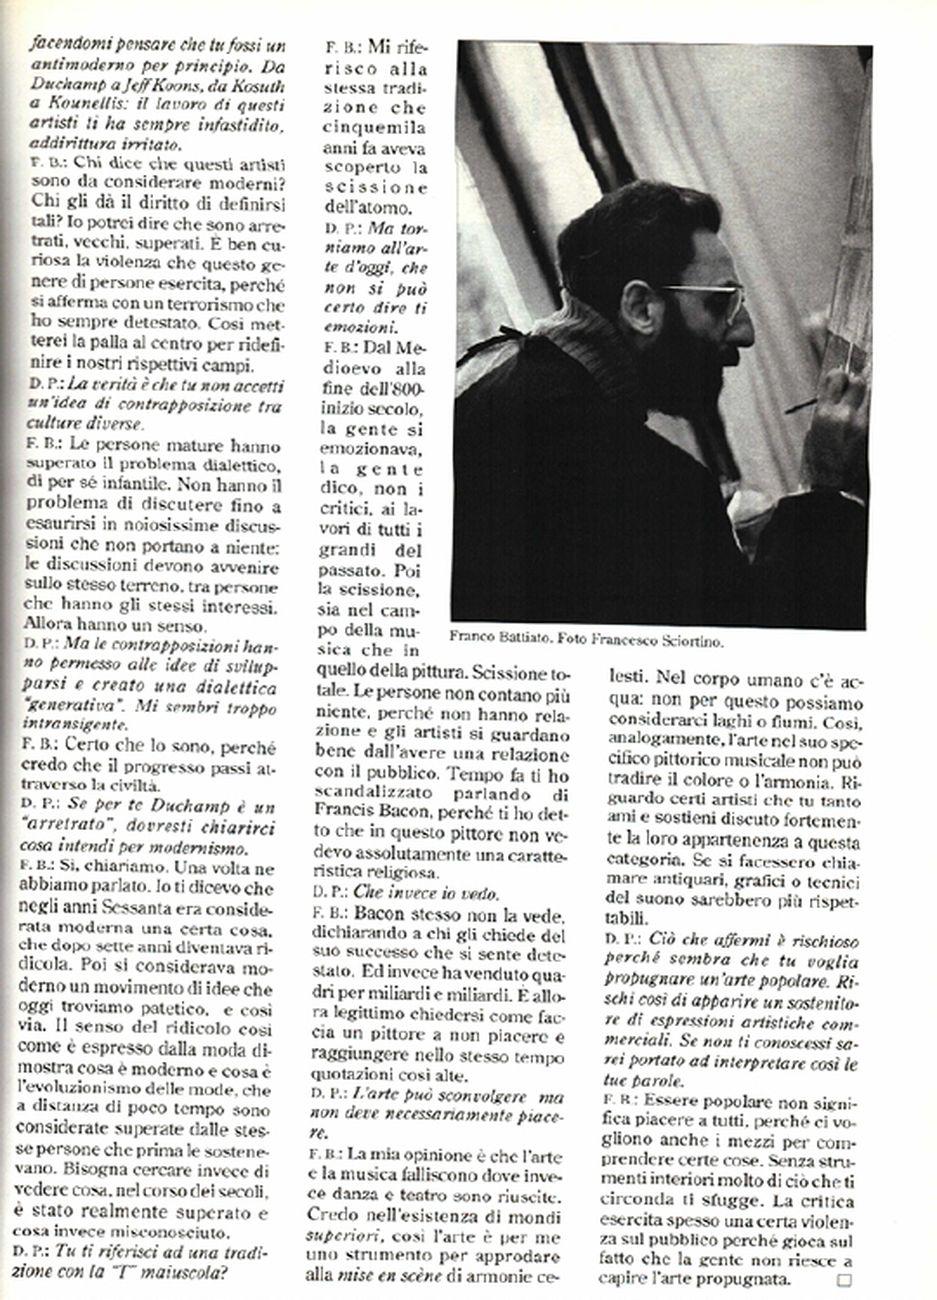 Lieder, mon amour. Al di là del modernismo. Intervista di Demetrio Paparoni a Franco Battiato, Tema Celeste, n. 32 33, 1991